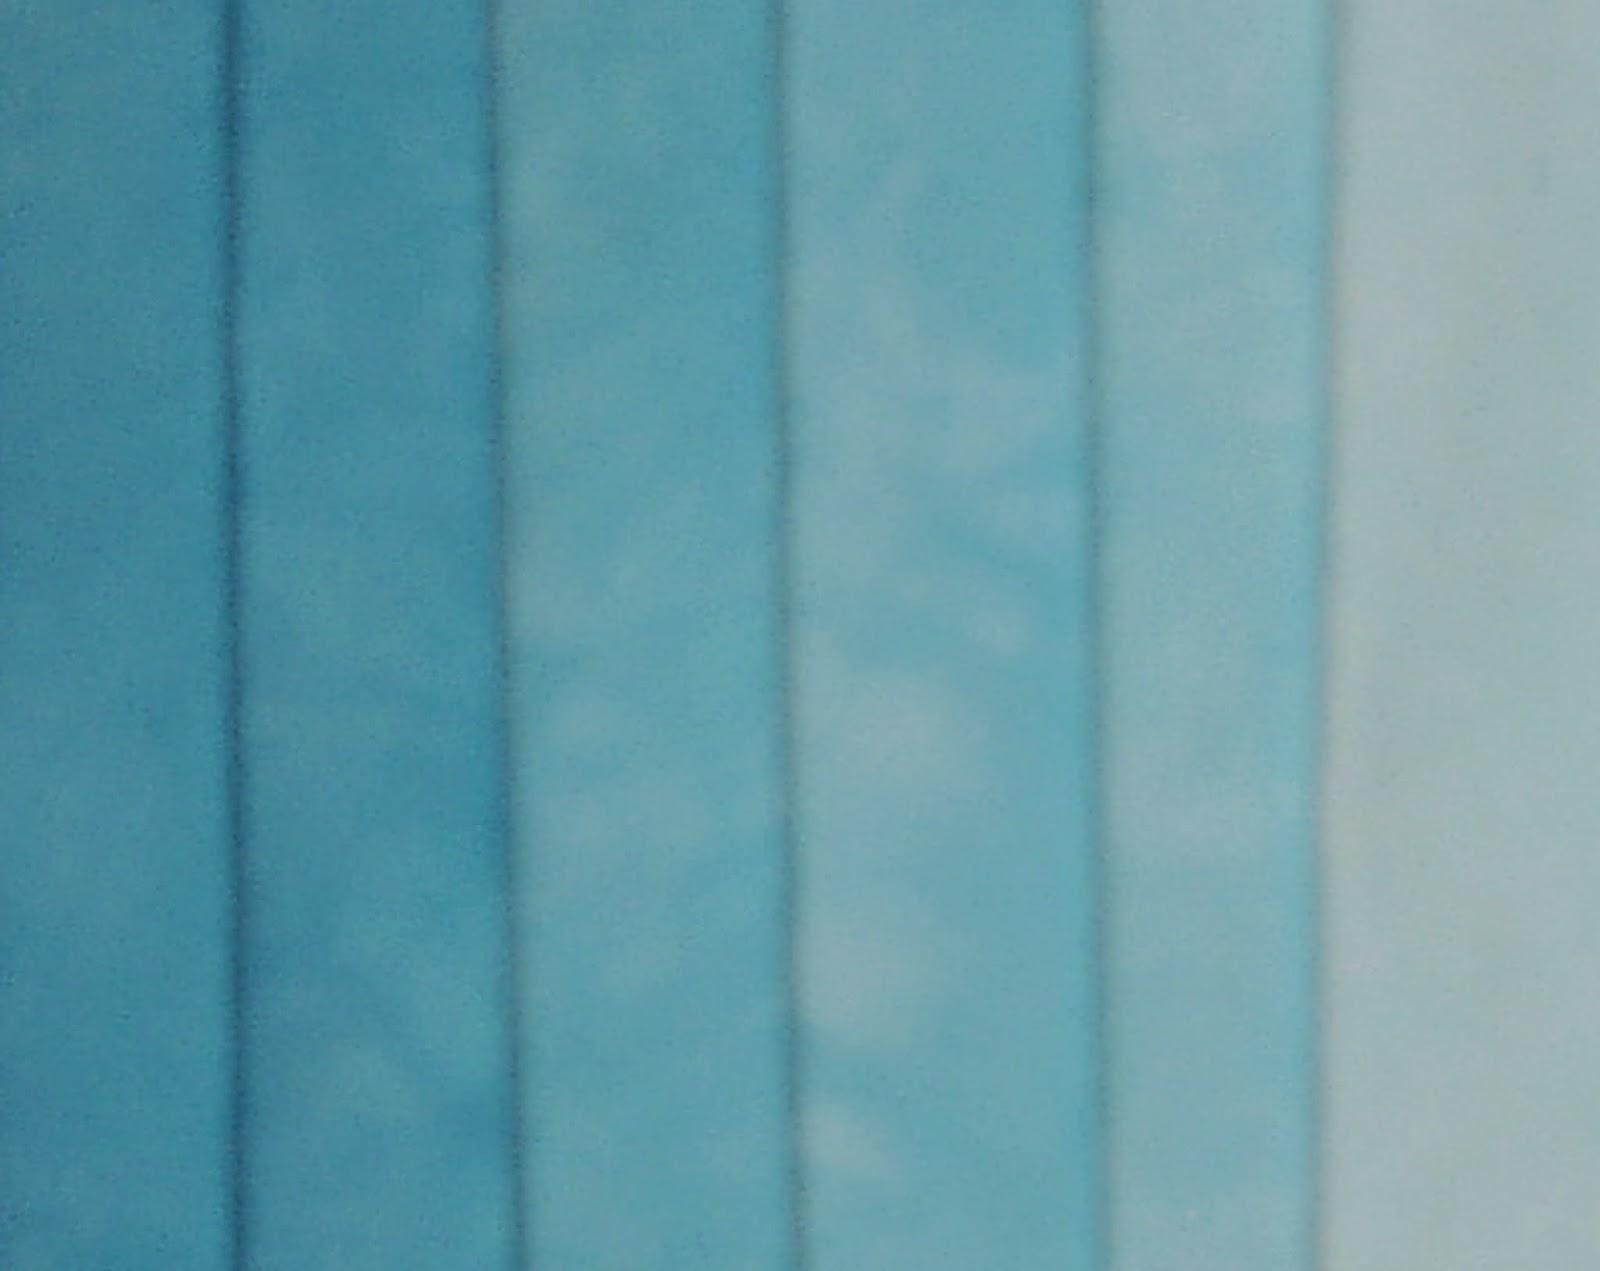 Stoffe Färben sigrid quiltet stoffe färben farbverläufe